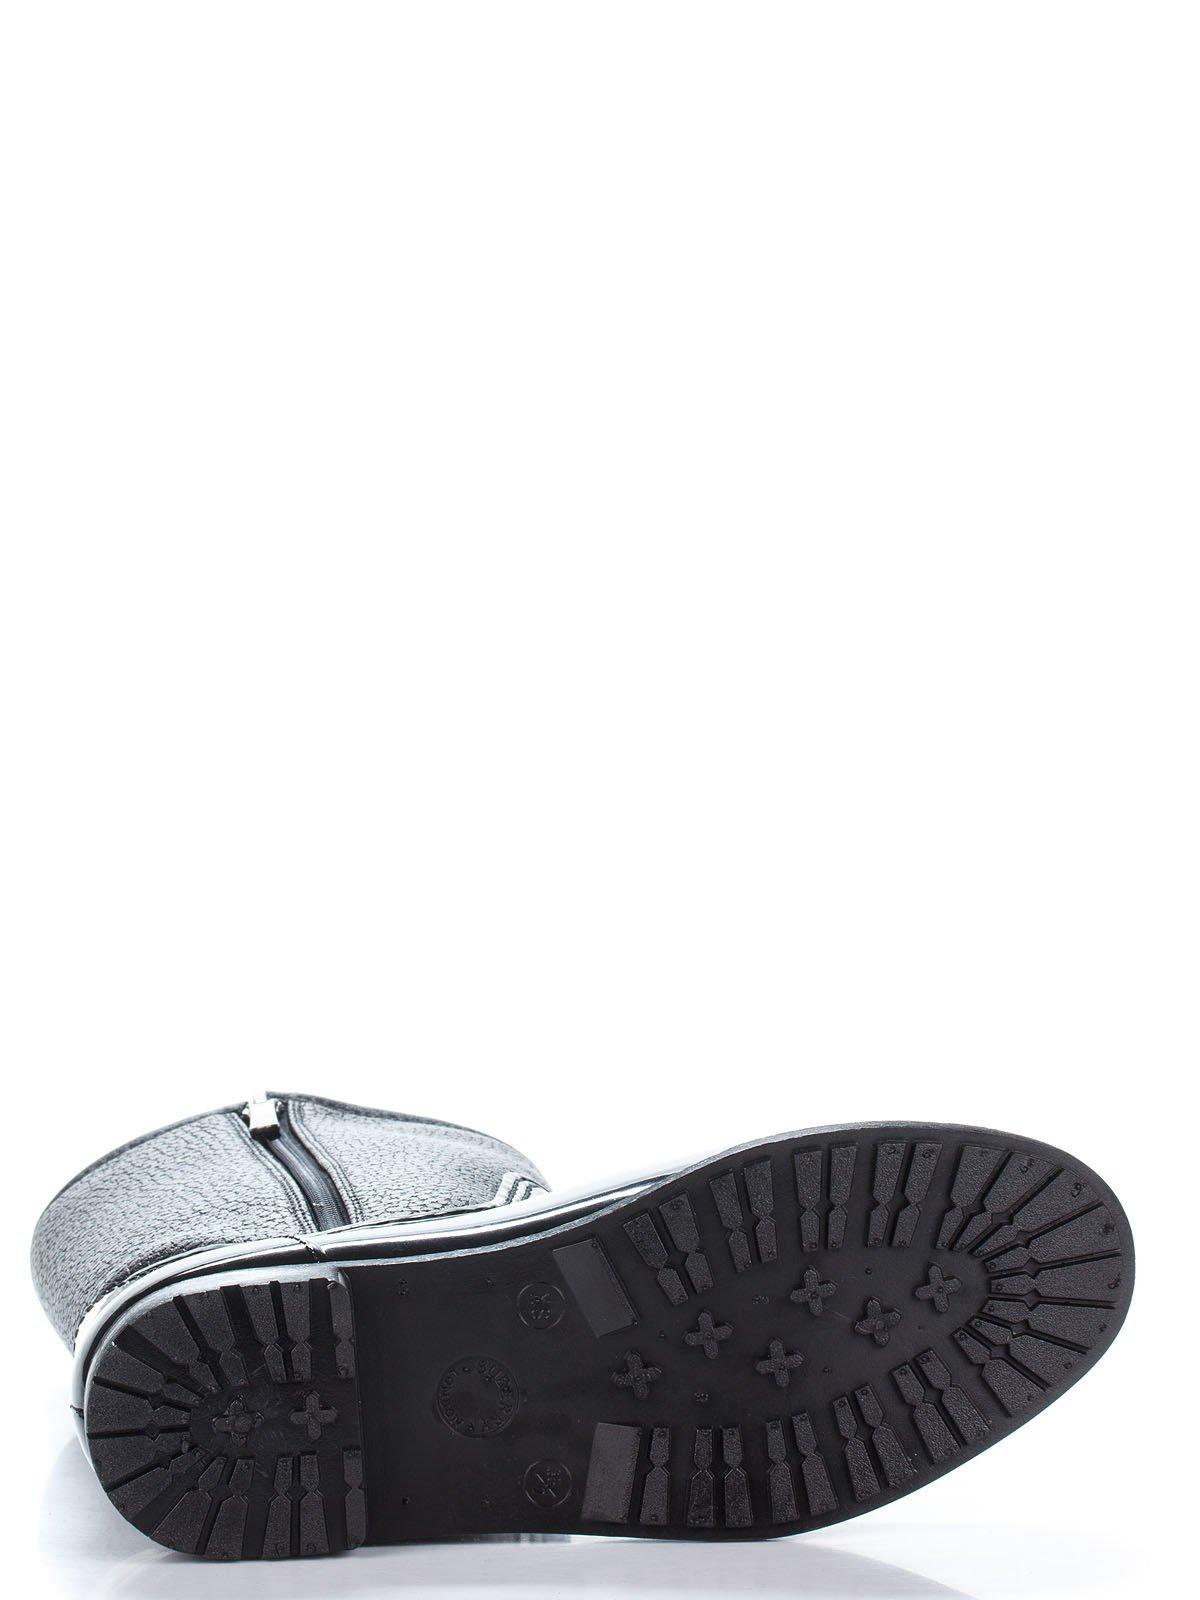 Сапоги черные | 2096751 | фото 4